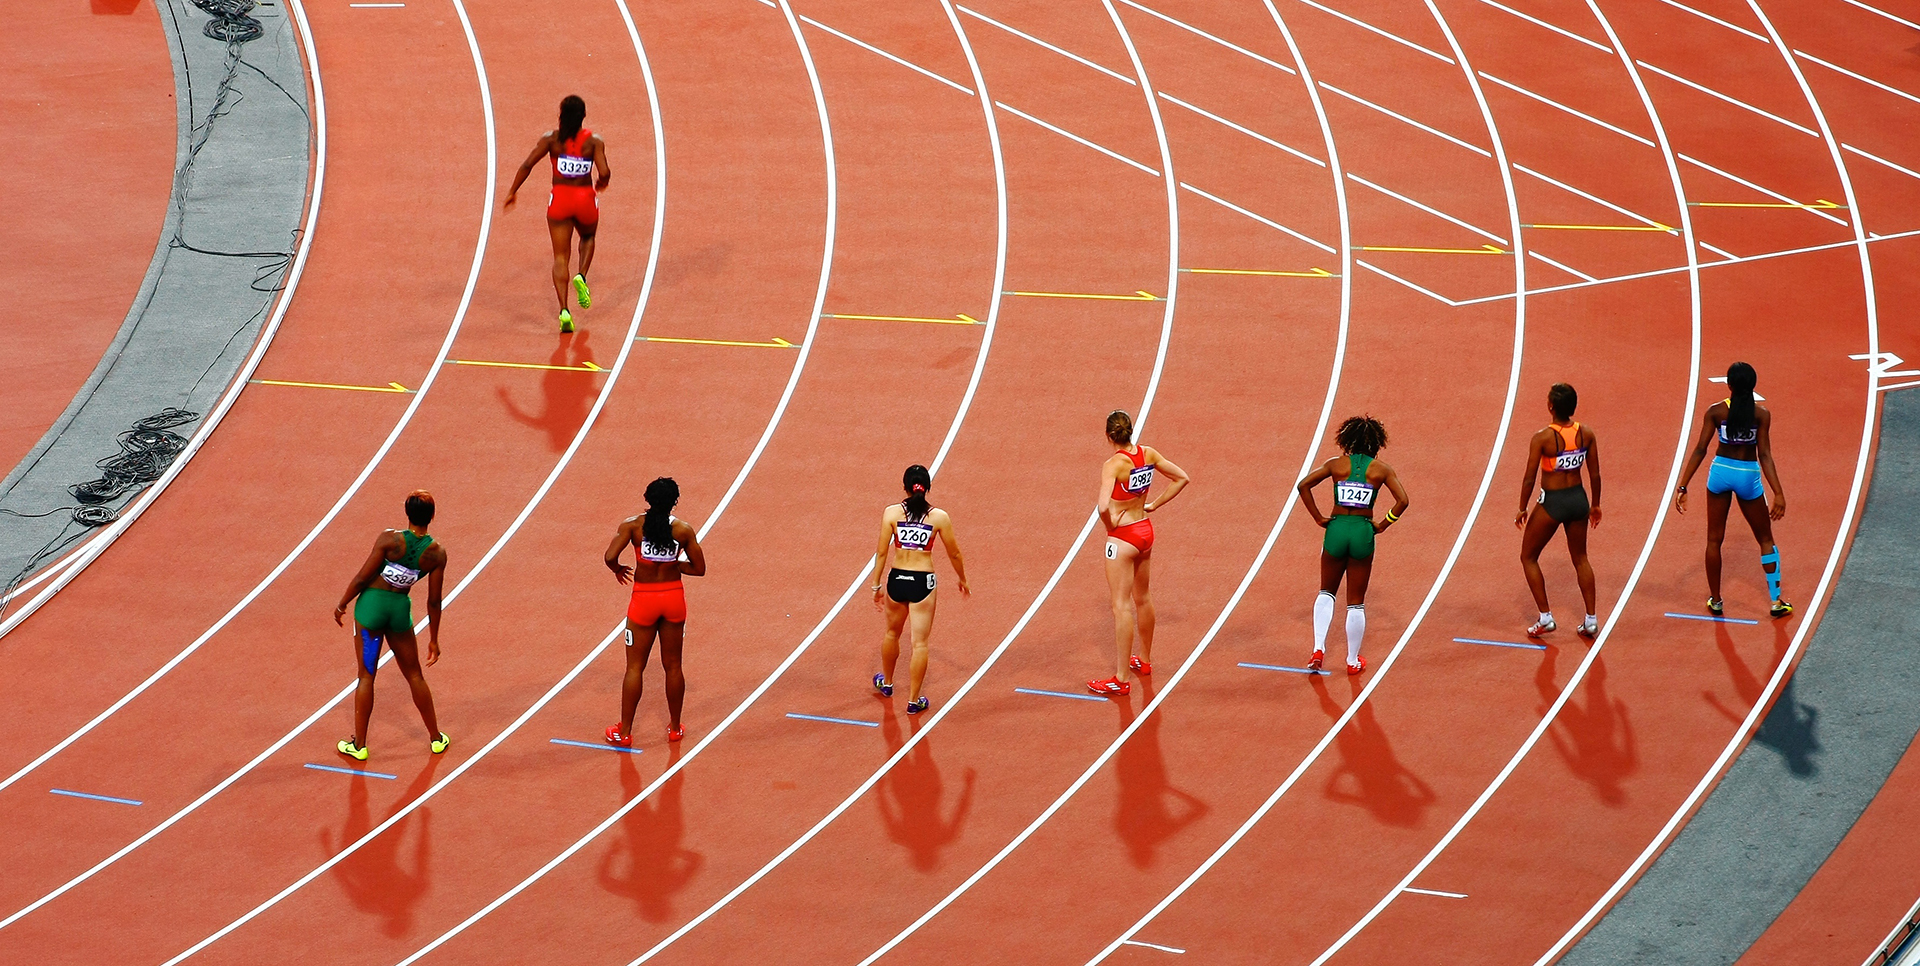 Elämä on kuin maraton, sitä ei voiteta 100 m sprintillä kisan alkumetreillä